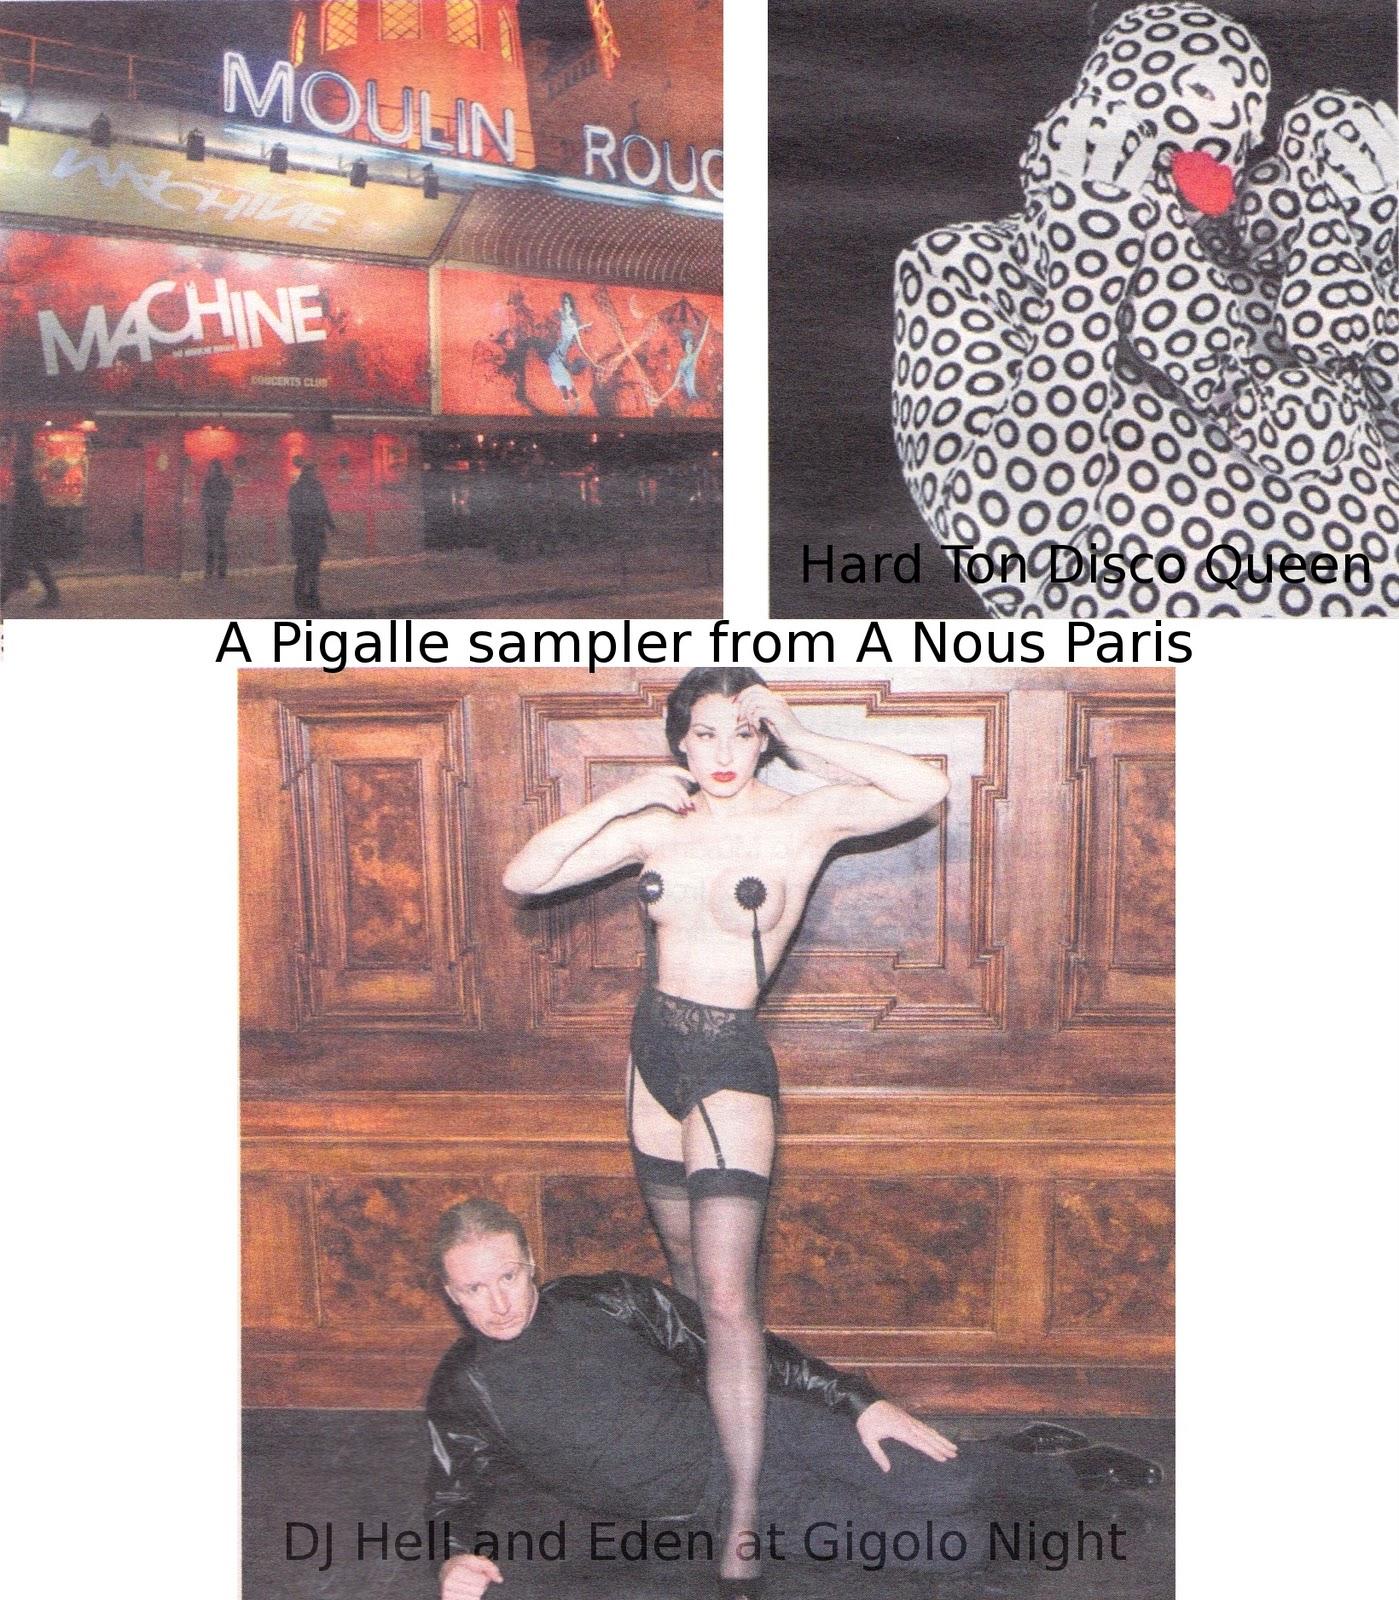 http://3.bp.blogspot.com/-7m8-nyI8_Pk/TtNqwMHTLtI/AAAAAAAAFig/wKPel4jwIiE/s1600/tart6.jpeg